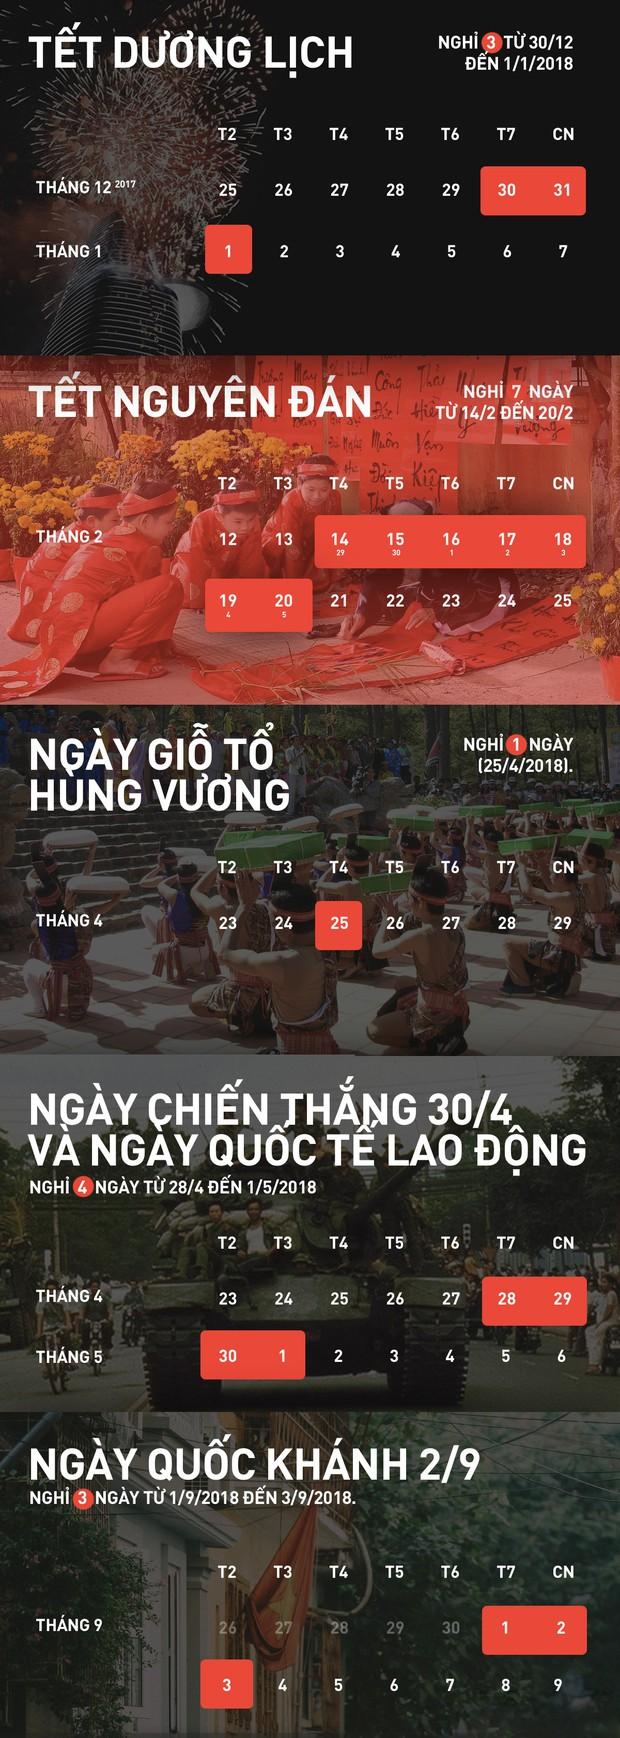 Chi tiết lịch nghỉ các ngày lễ Tết trong năm 2018 - Ảnh 1.